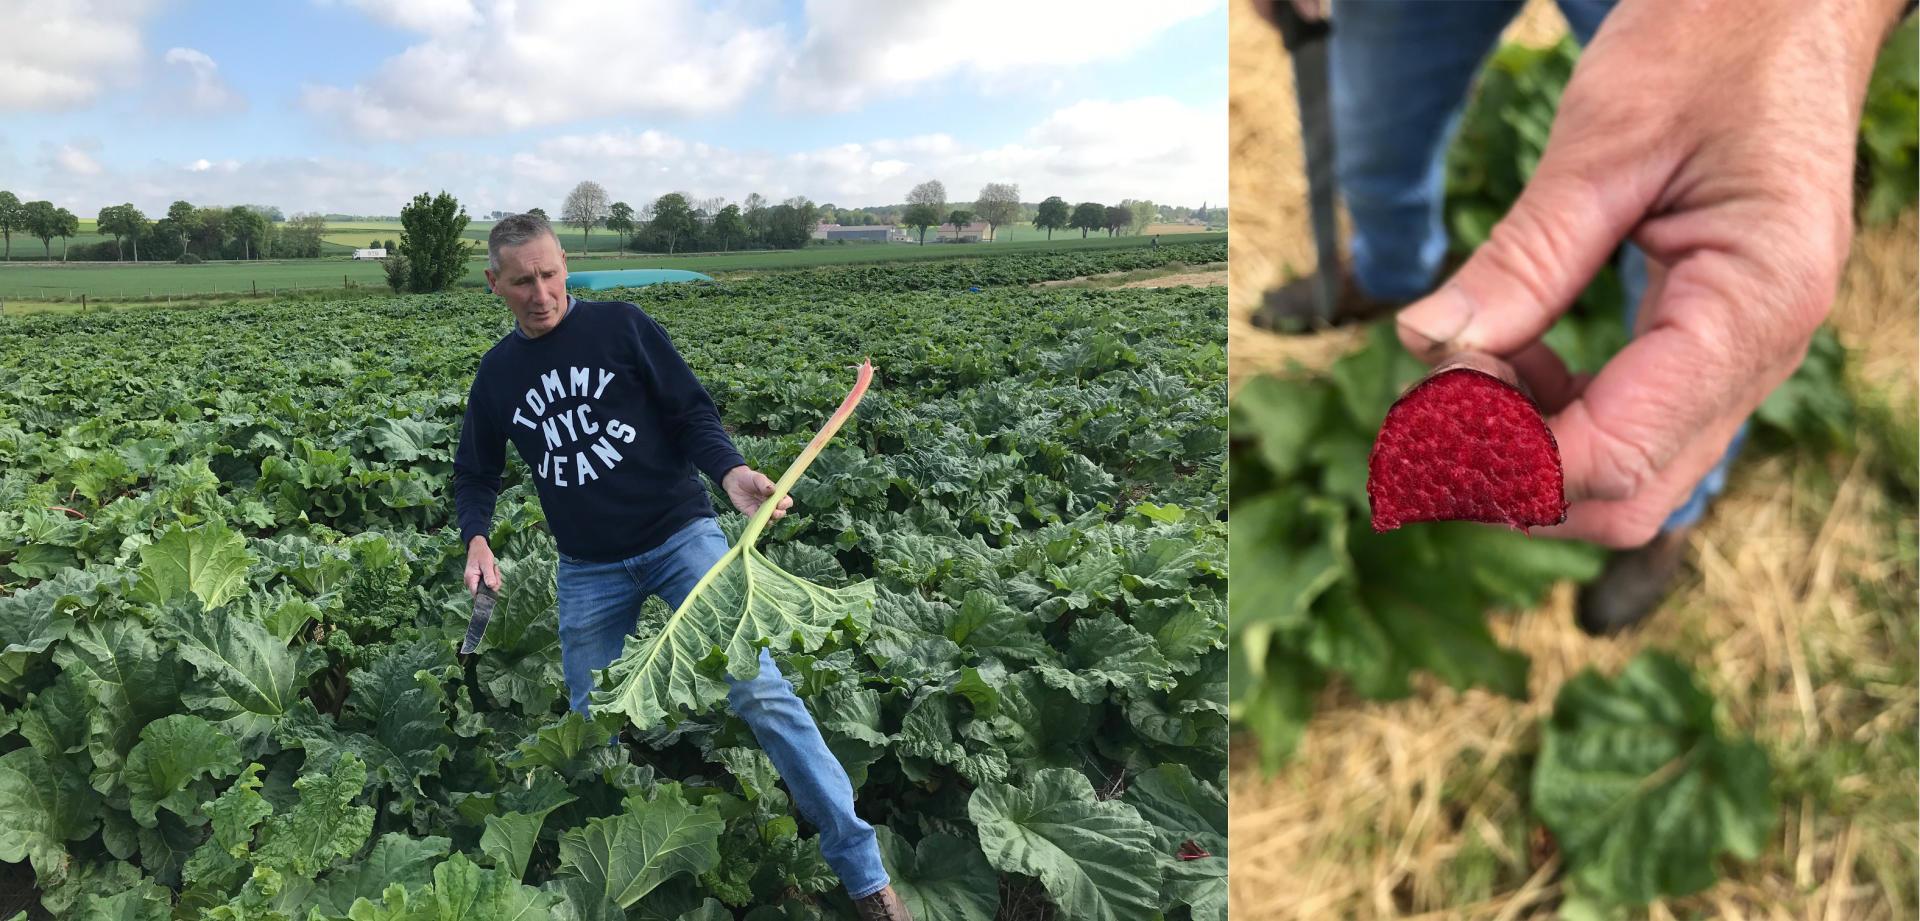 A gauche : Mathieu Vermès, cultivateur de rhubarbe, une goliath en main. A droite : une valentine.